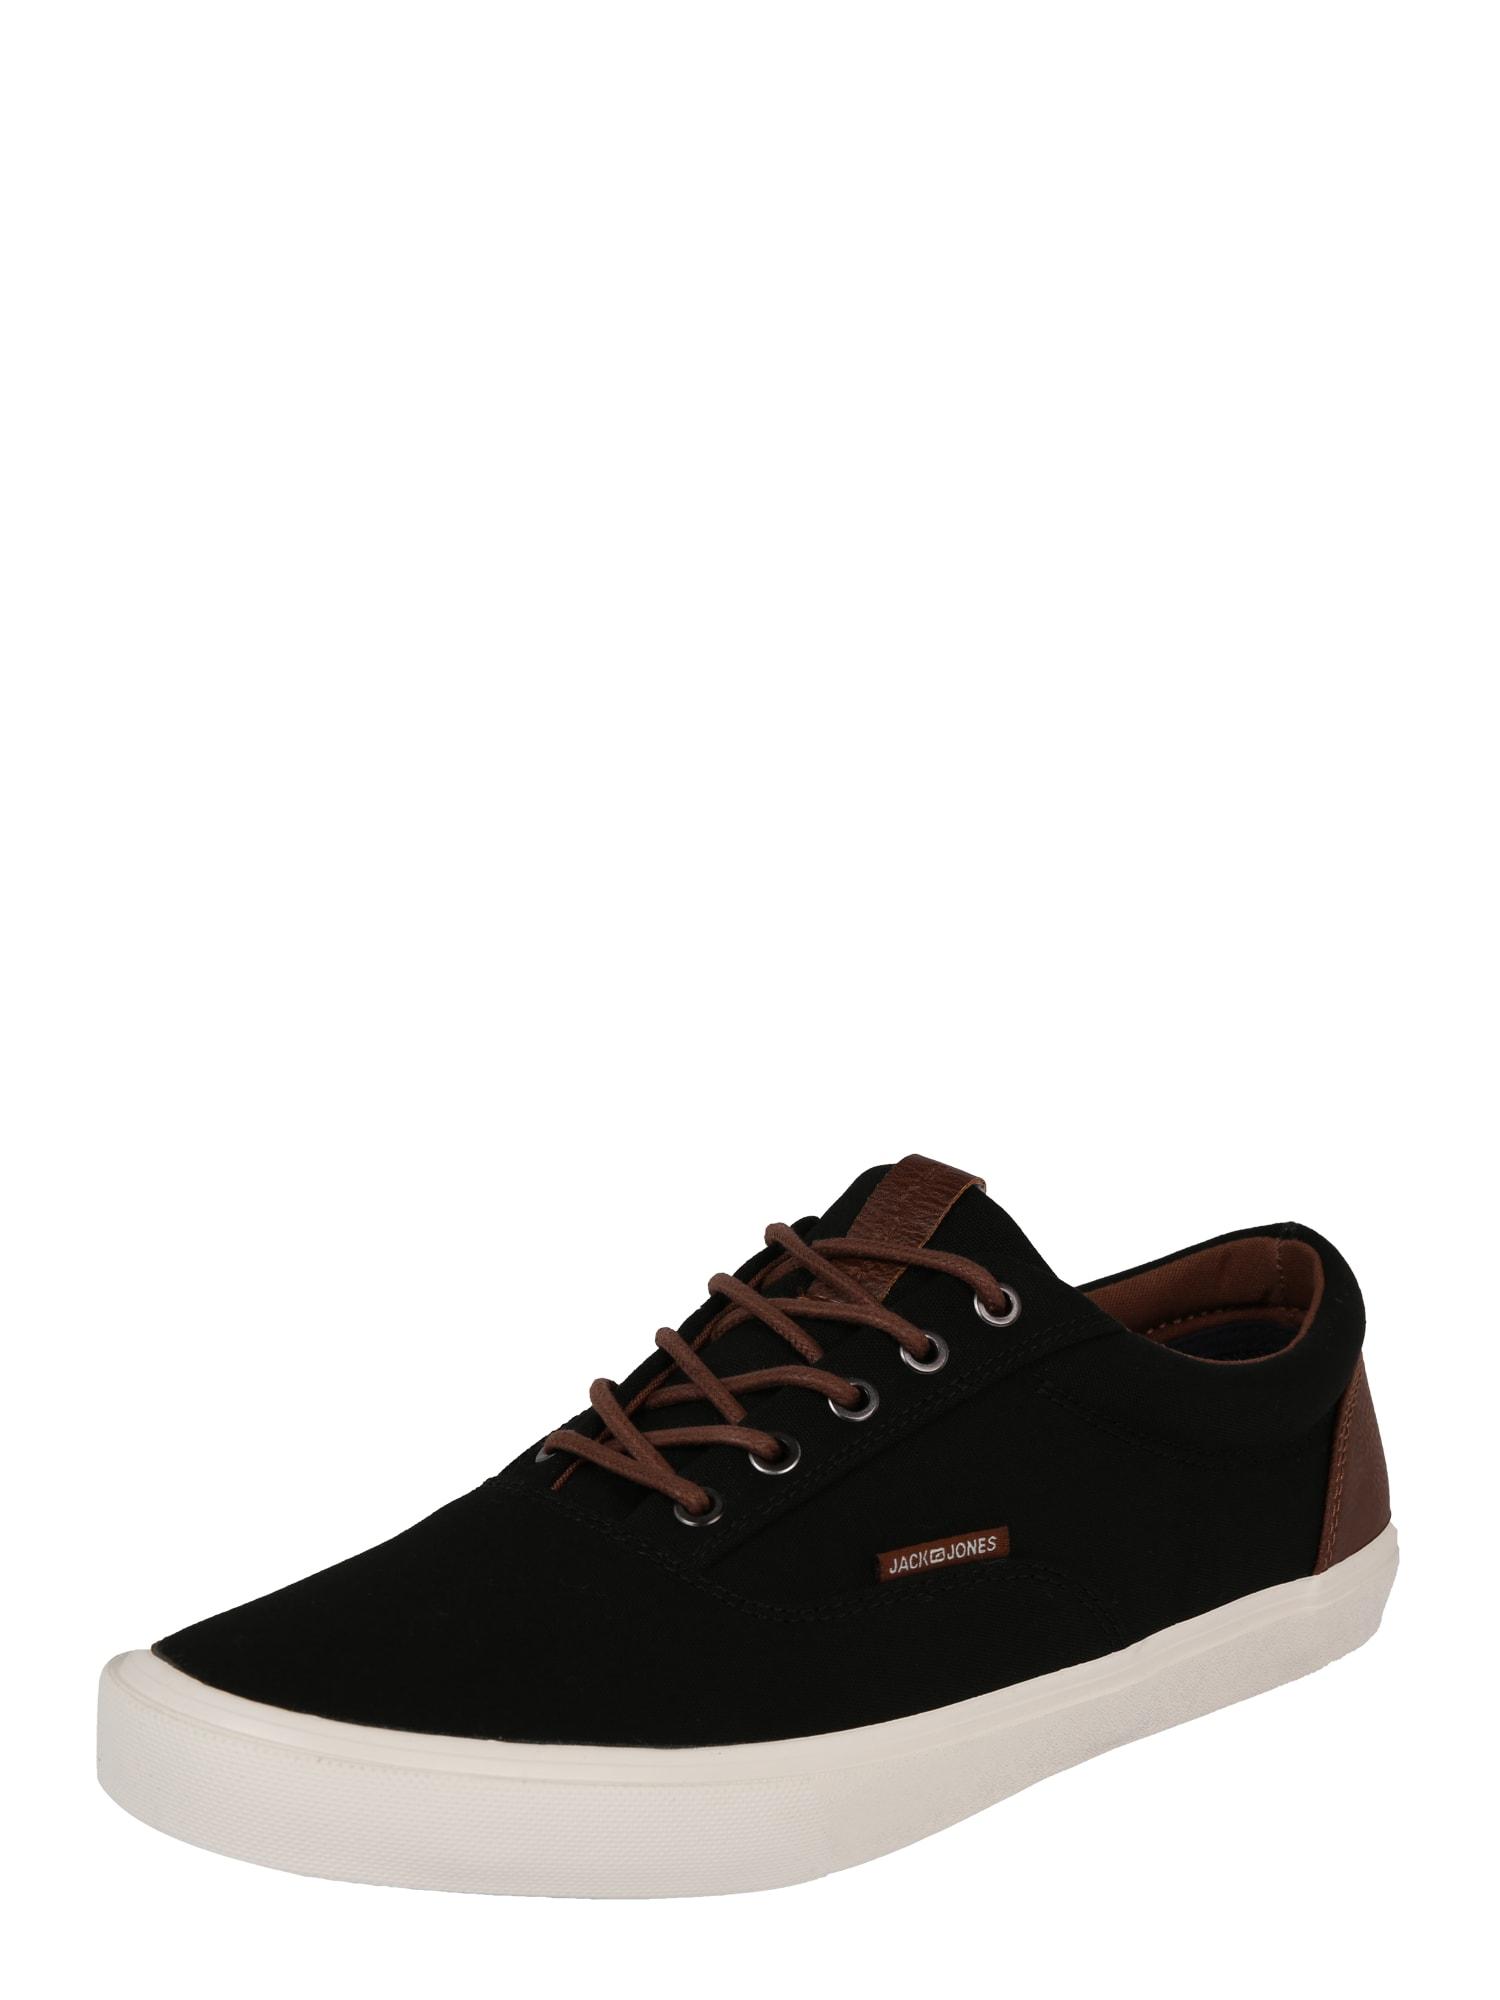 JACK & JONES Rövid szárú edzőcipők 'VISION CLASSIC MIXED'  fehér / barna / fekete